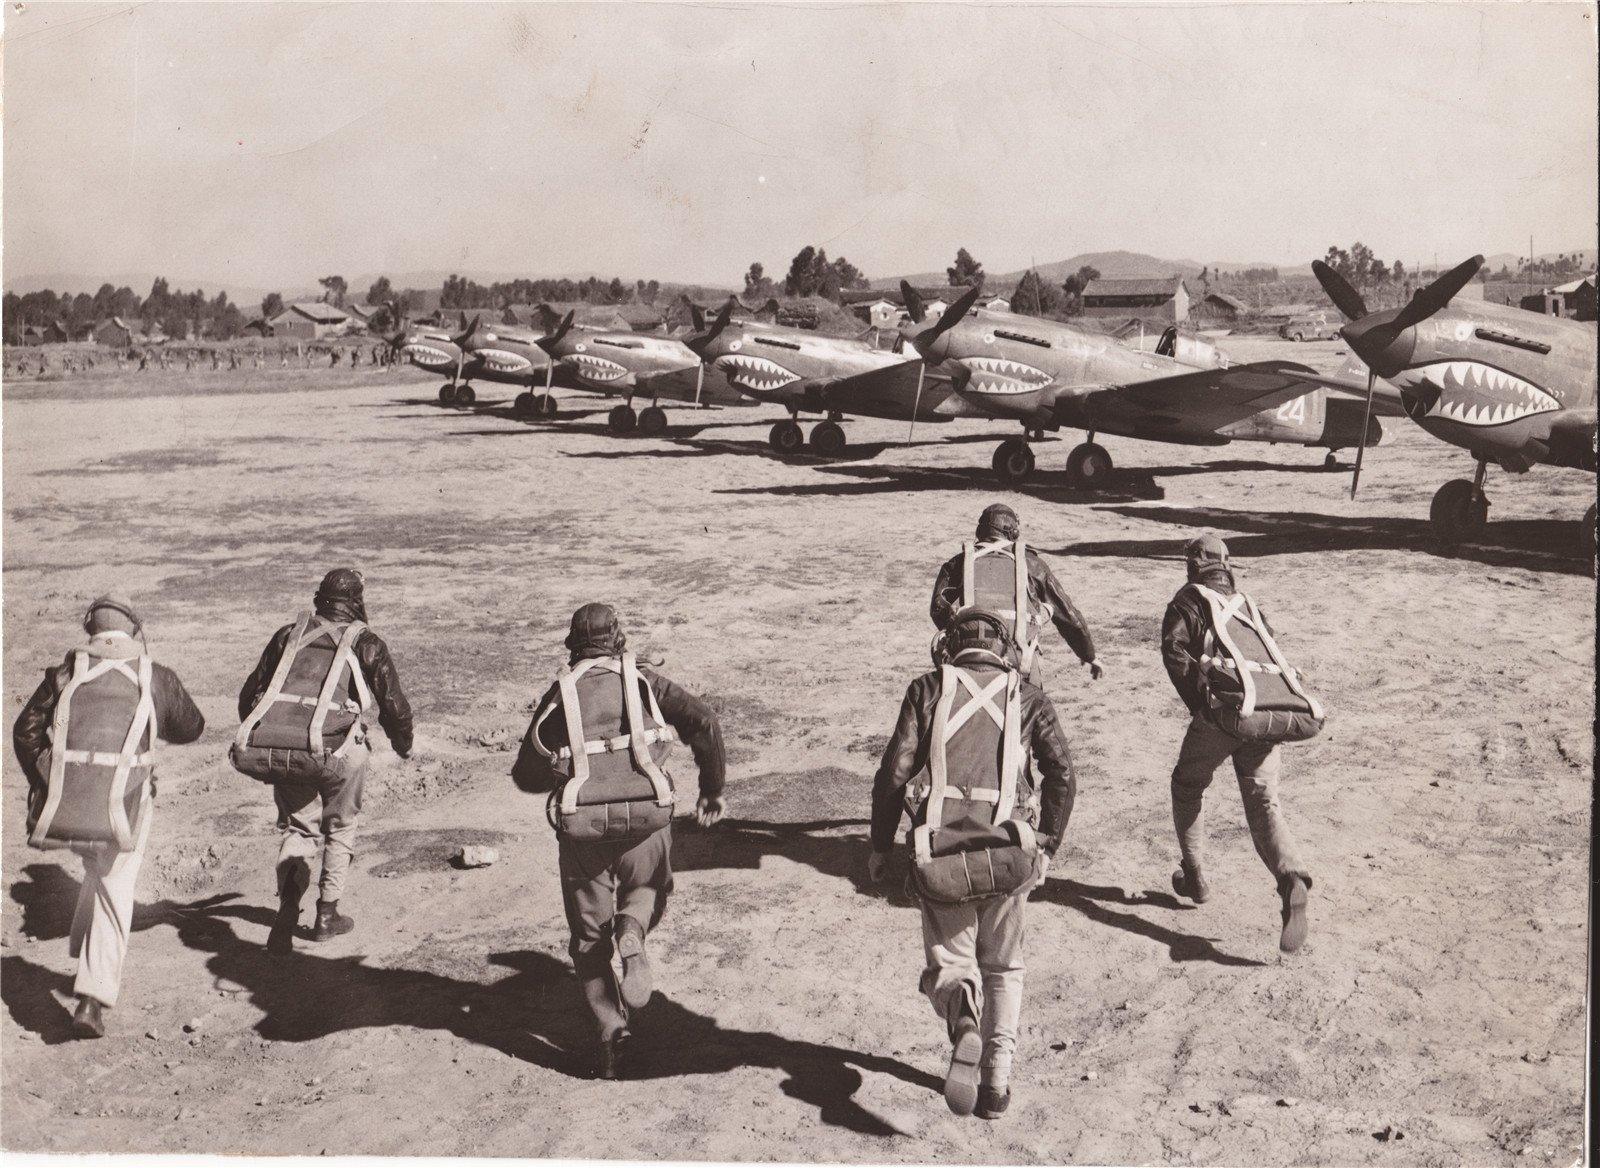 当空袭警报拉响时,穿戴好降落伞的美国飞行员们飞快跑向他们的战机,升空驱赶来犯的日军飞机。这些驾驶美国飞机的队员在飞机引擎下方做了鲨鱼鼻的涂装,以此奚落害怕鲨鱼的日军。拍摄于中国,1943年1月13日。